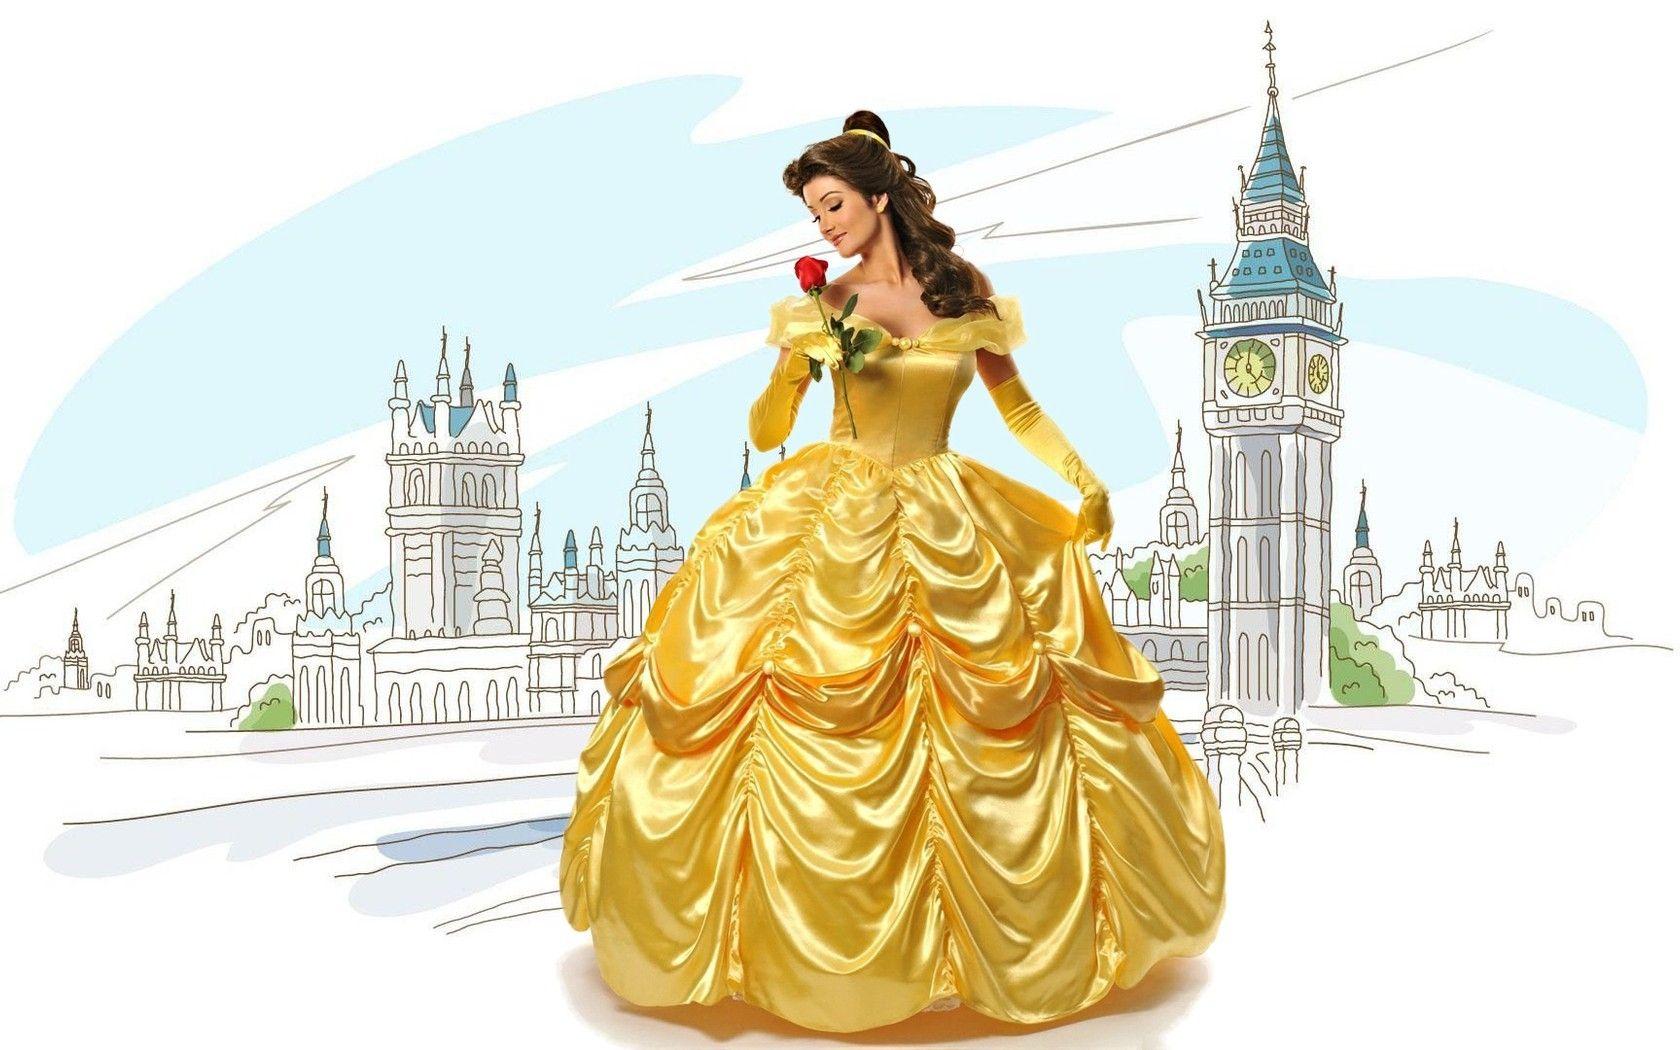 Princesas de disney al castillo buscar con google princesas princesas de disney al castillo buscar con google altavistaventures Choice Image